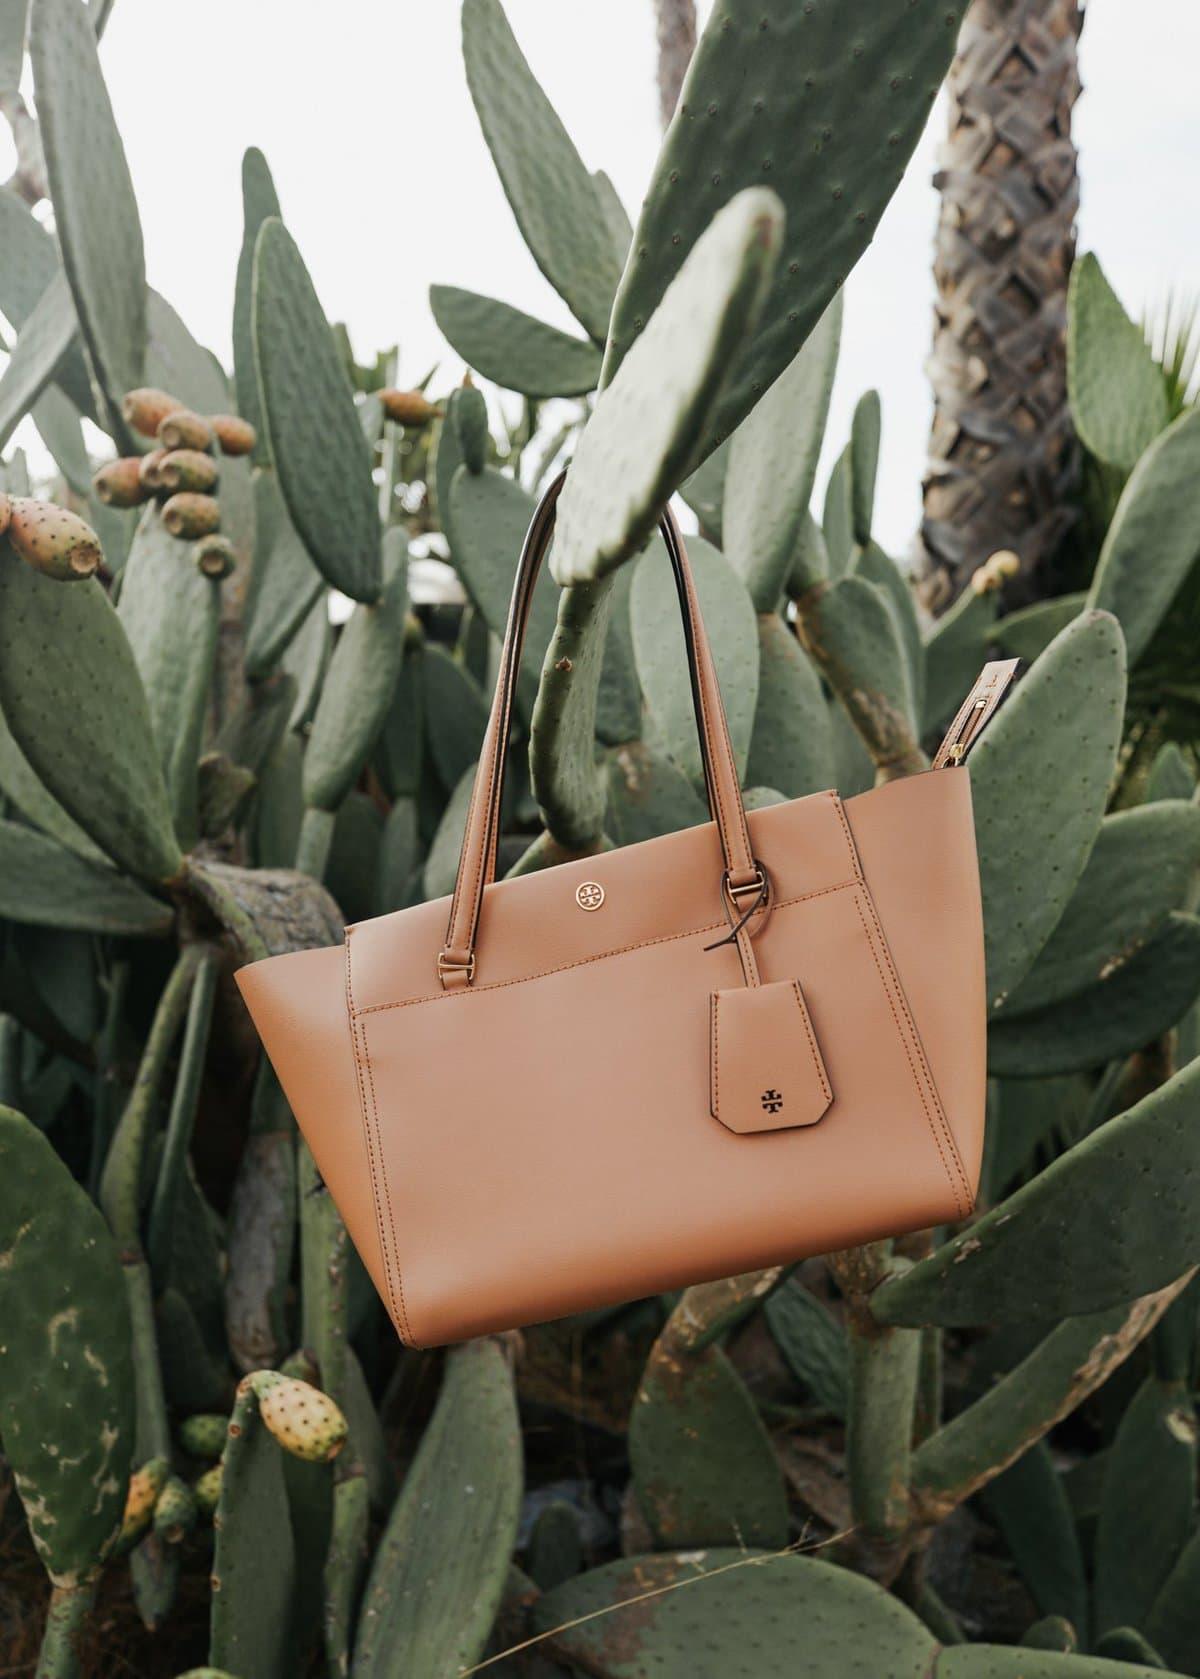 tan tory burch bag for women